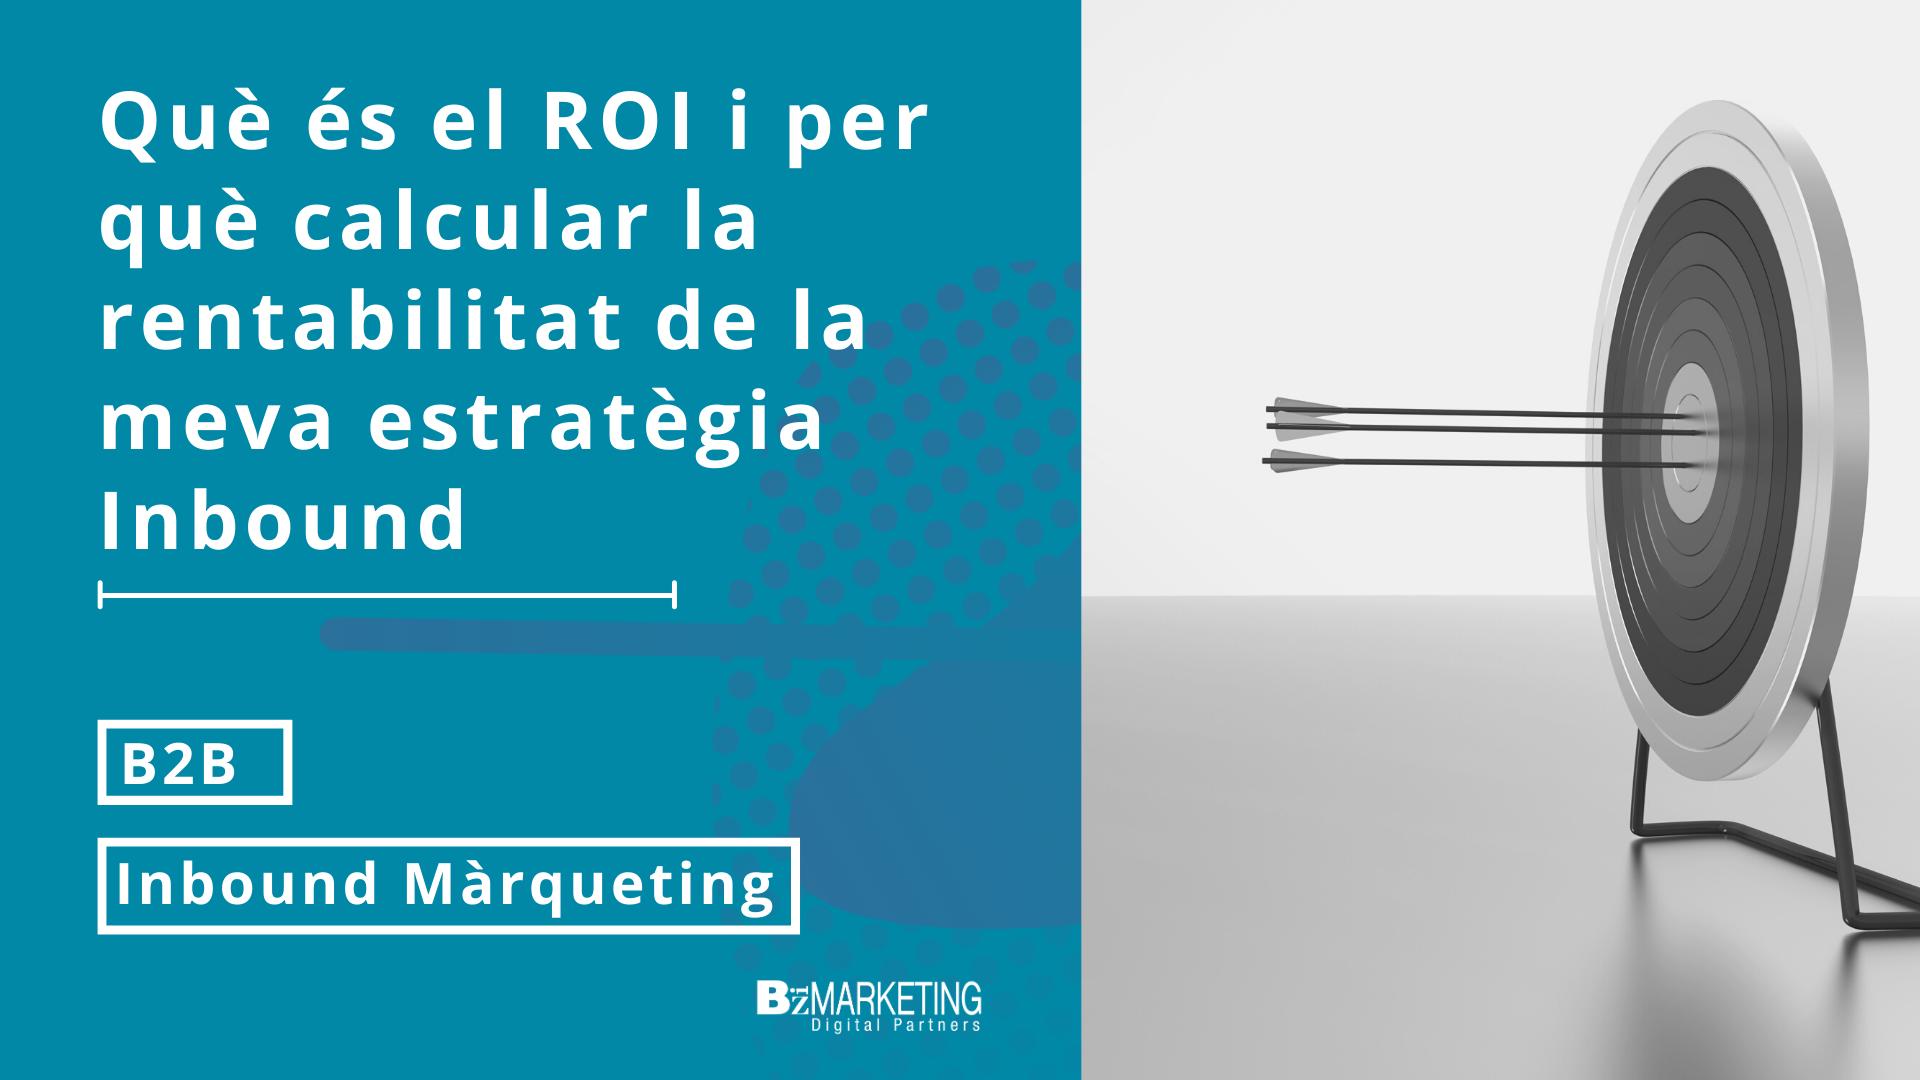 Què és el ROI i per què calcular la rendibilitat de la meva estratègia Inbound?